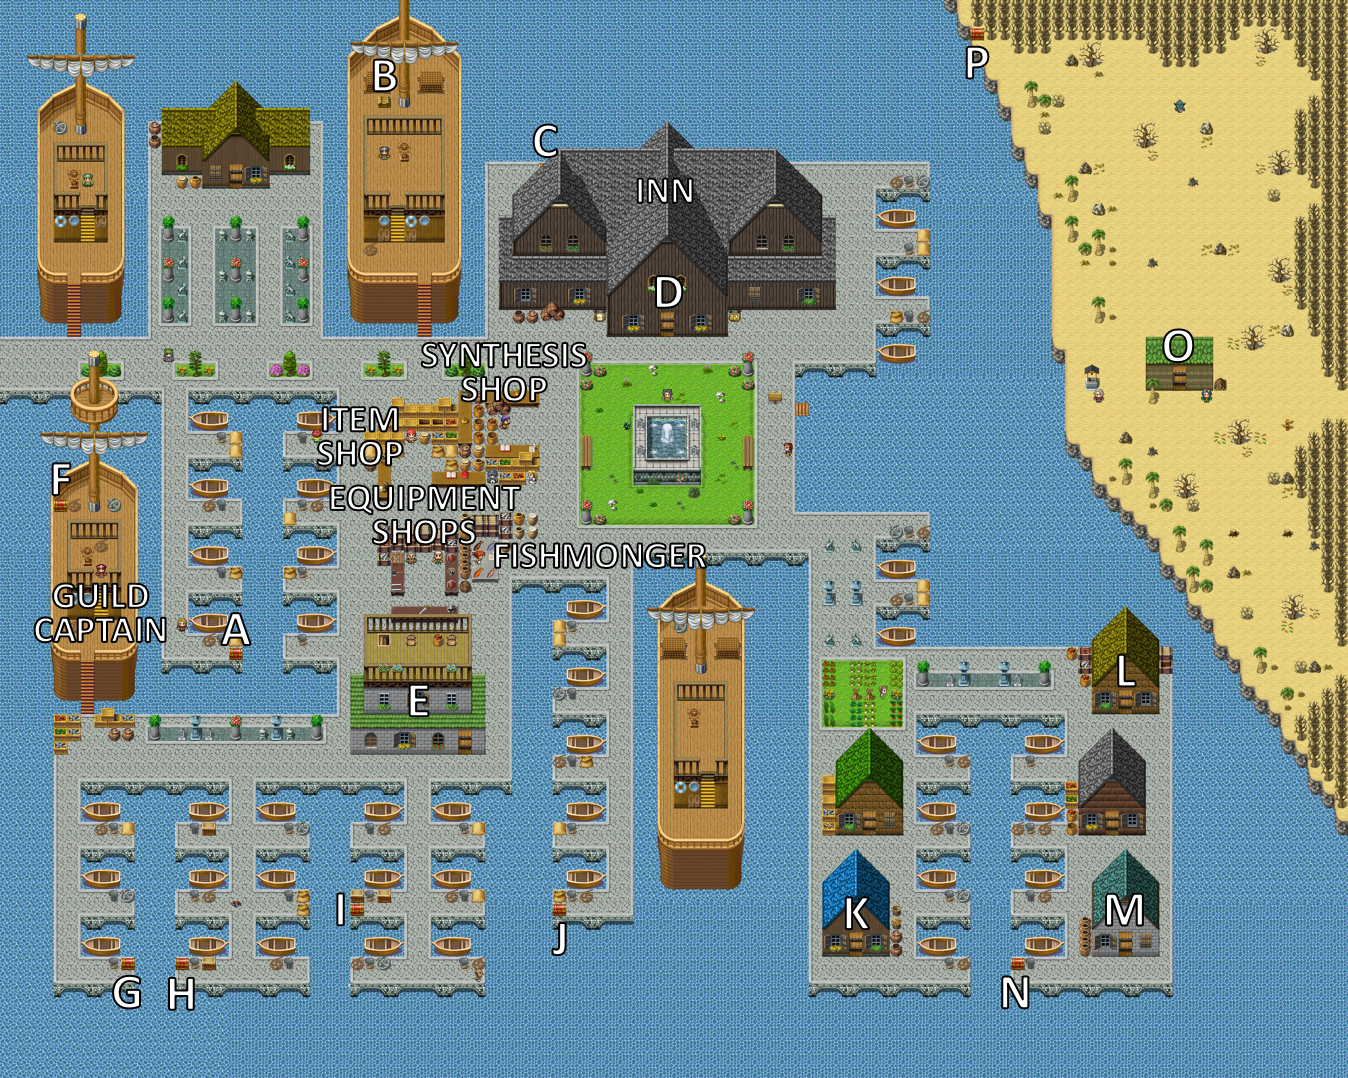 North Bay - Main Town